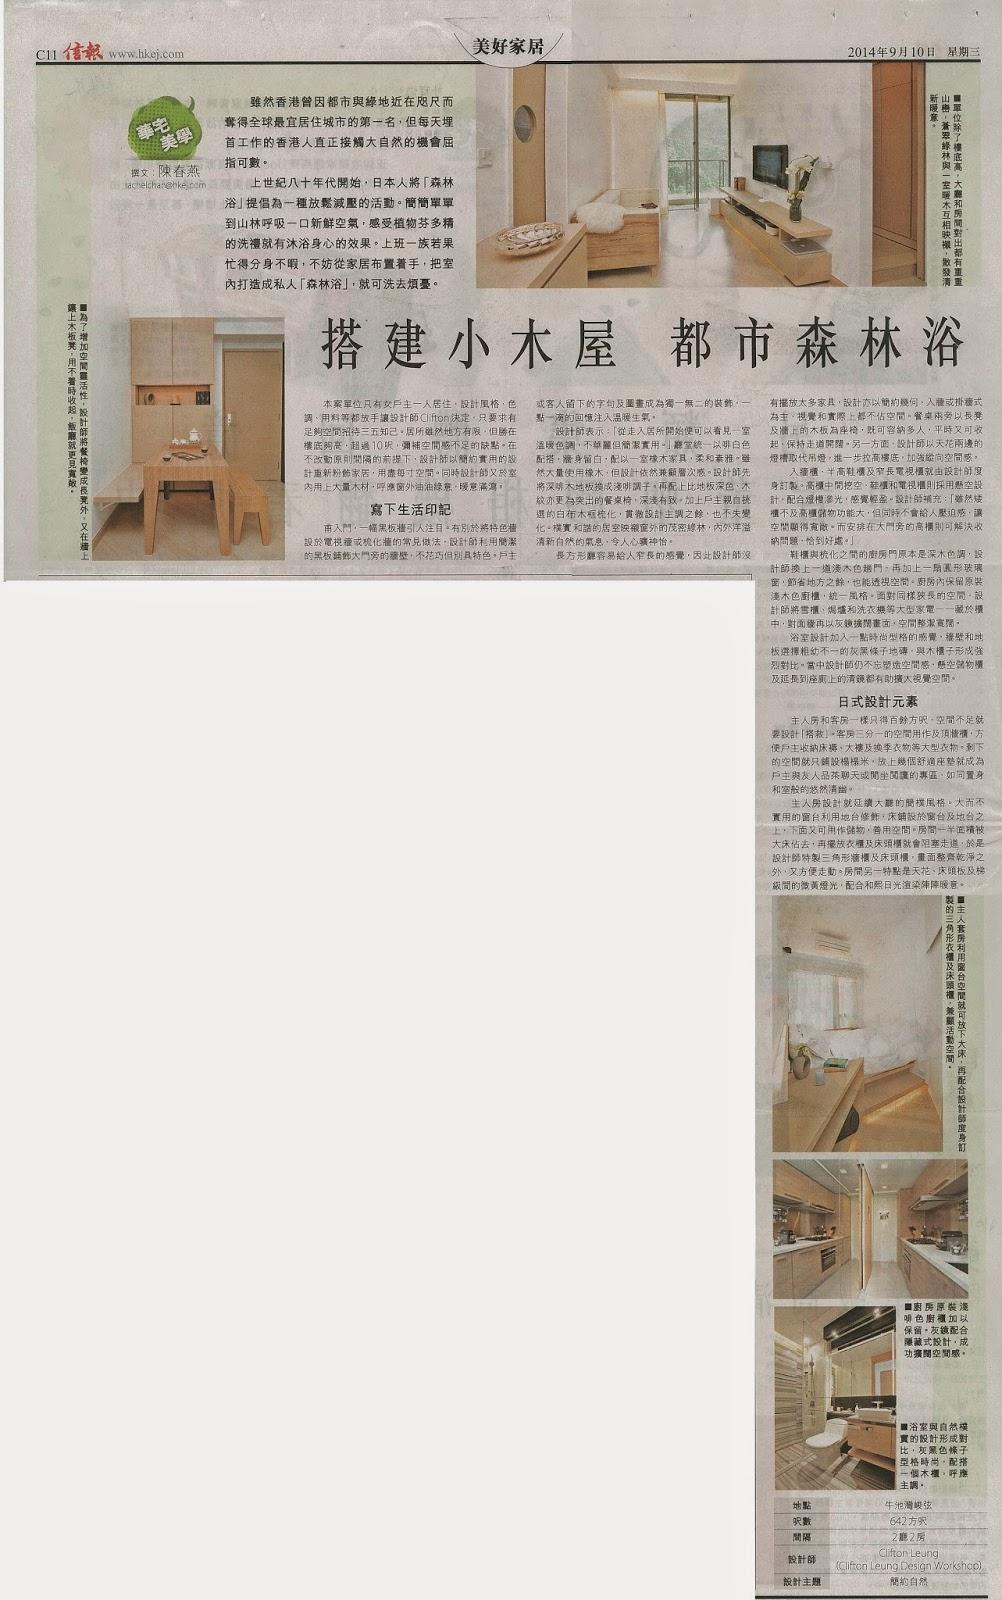 Economic Interior Design Ideas: Hong Kong Interior Design Tips & Ideas